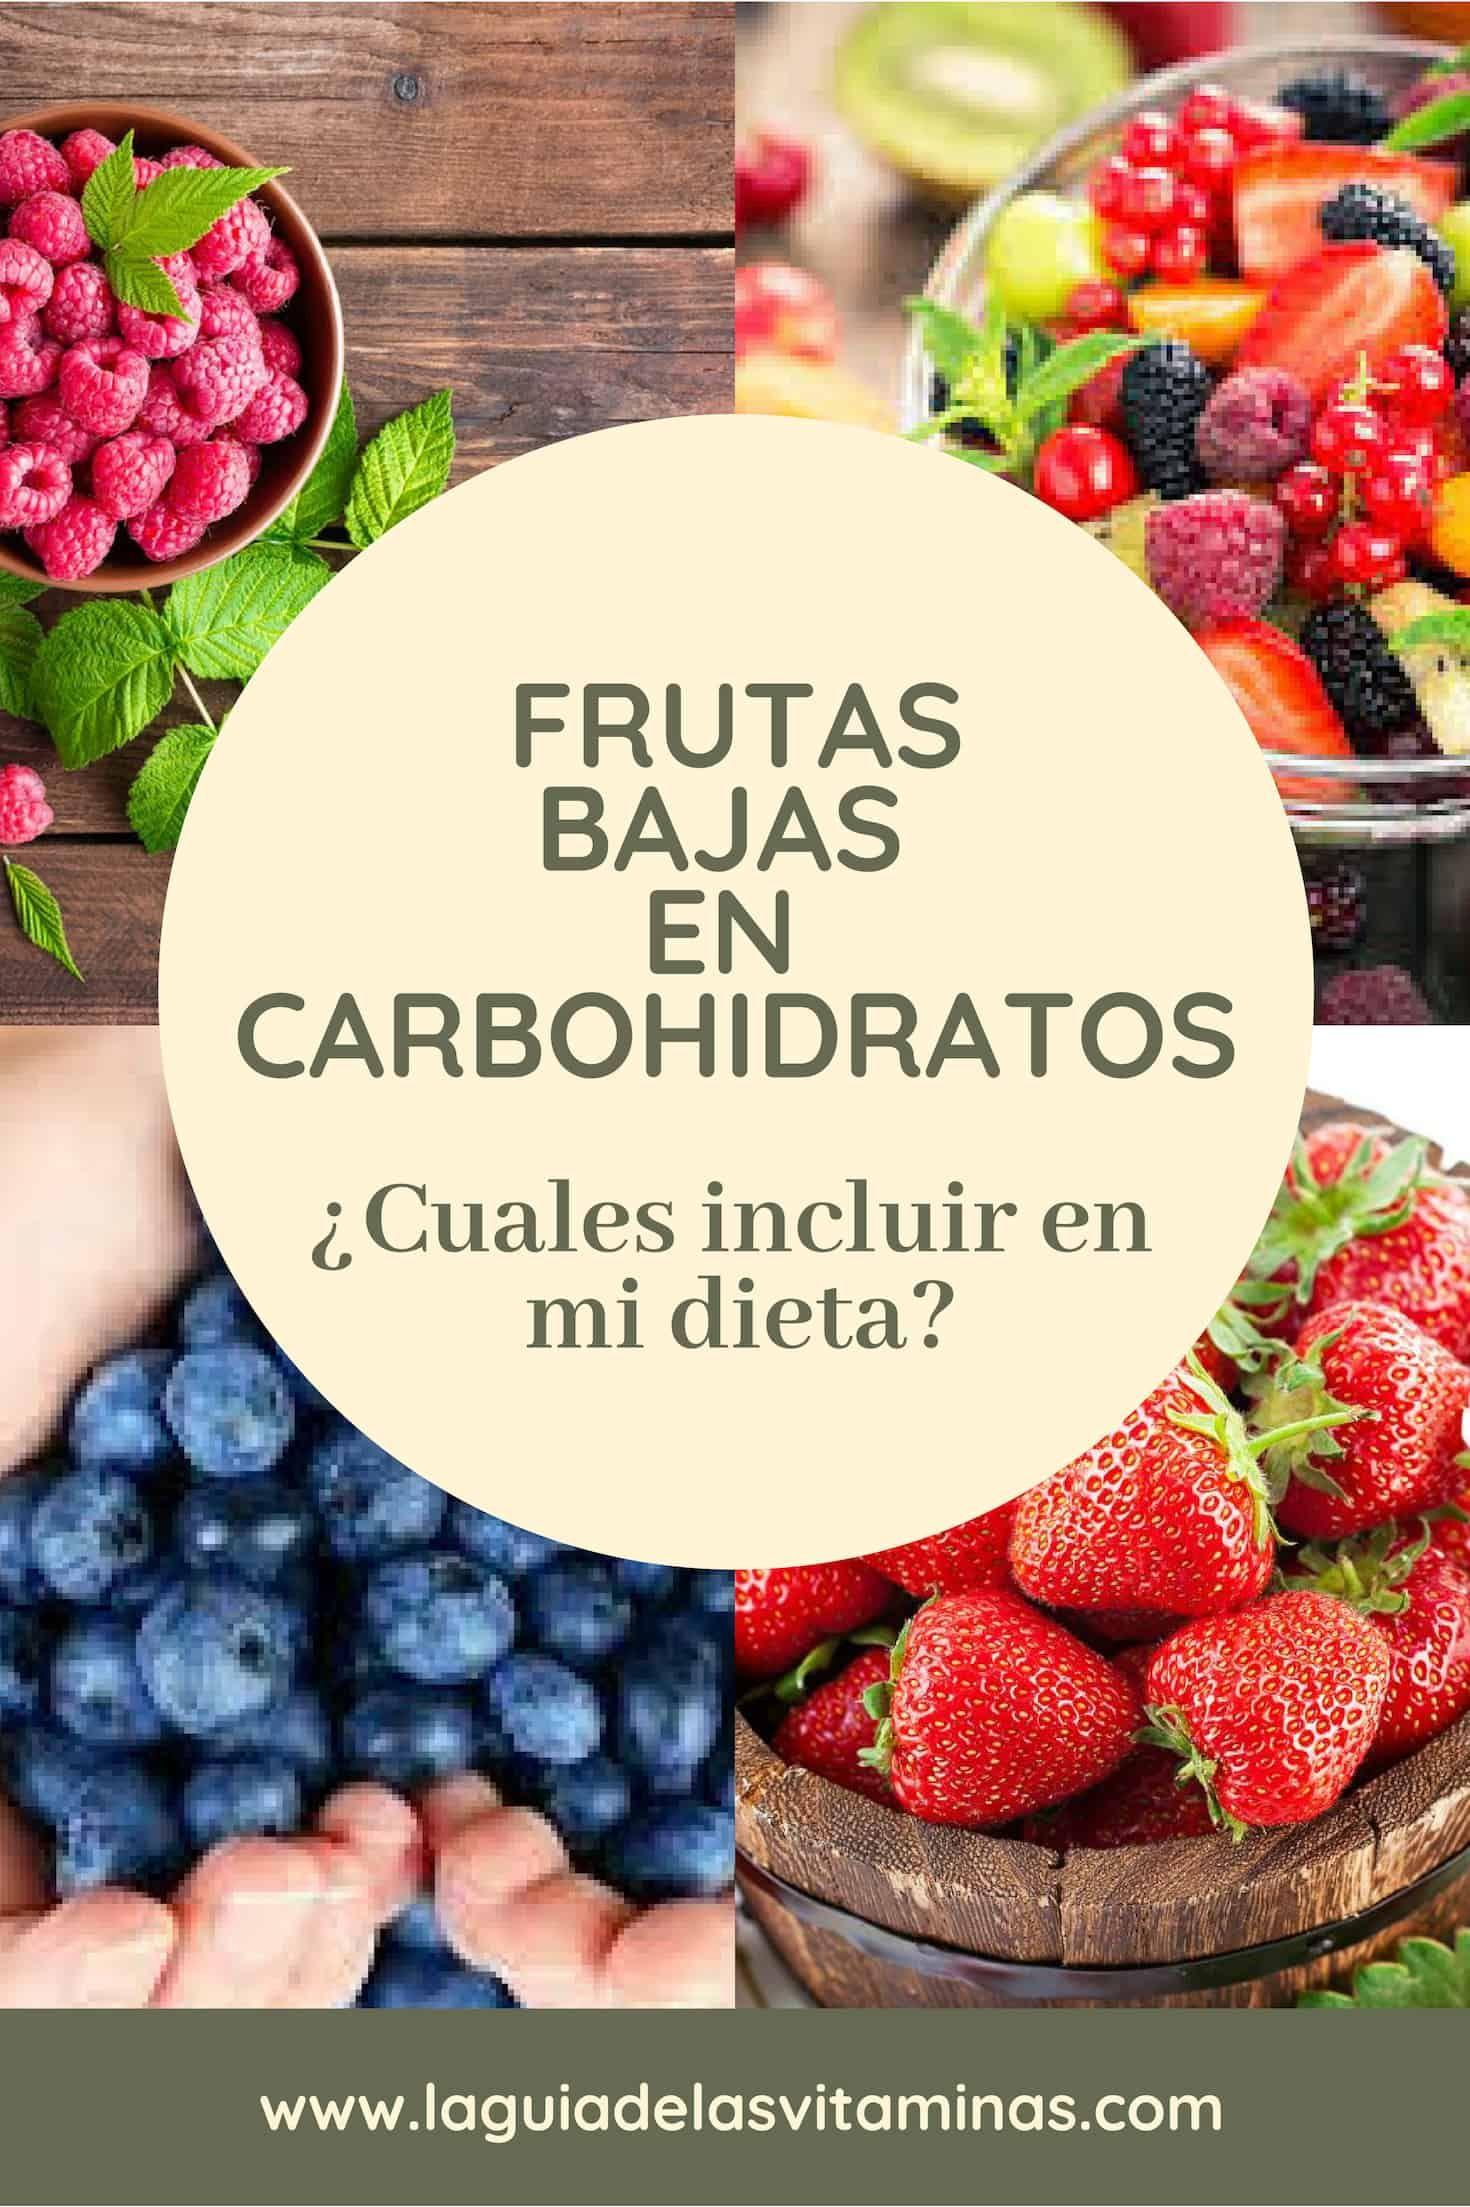 Las Mejores Frutas Bajas En Carbohidratos Y Cuáles Debes Evitar La Guía De Las Vitaminas Food Healthy Recipes Breakfast